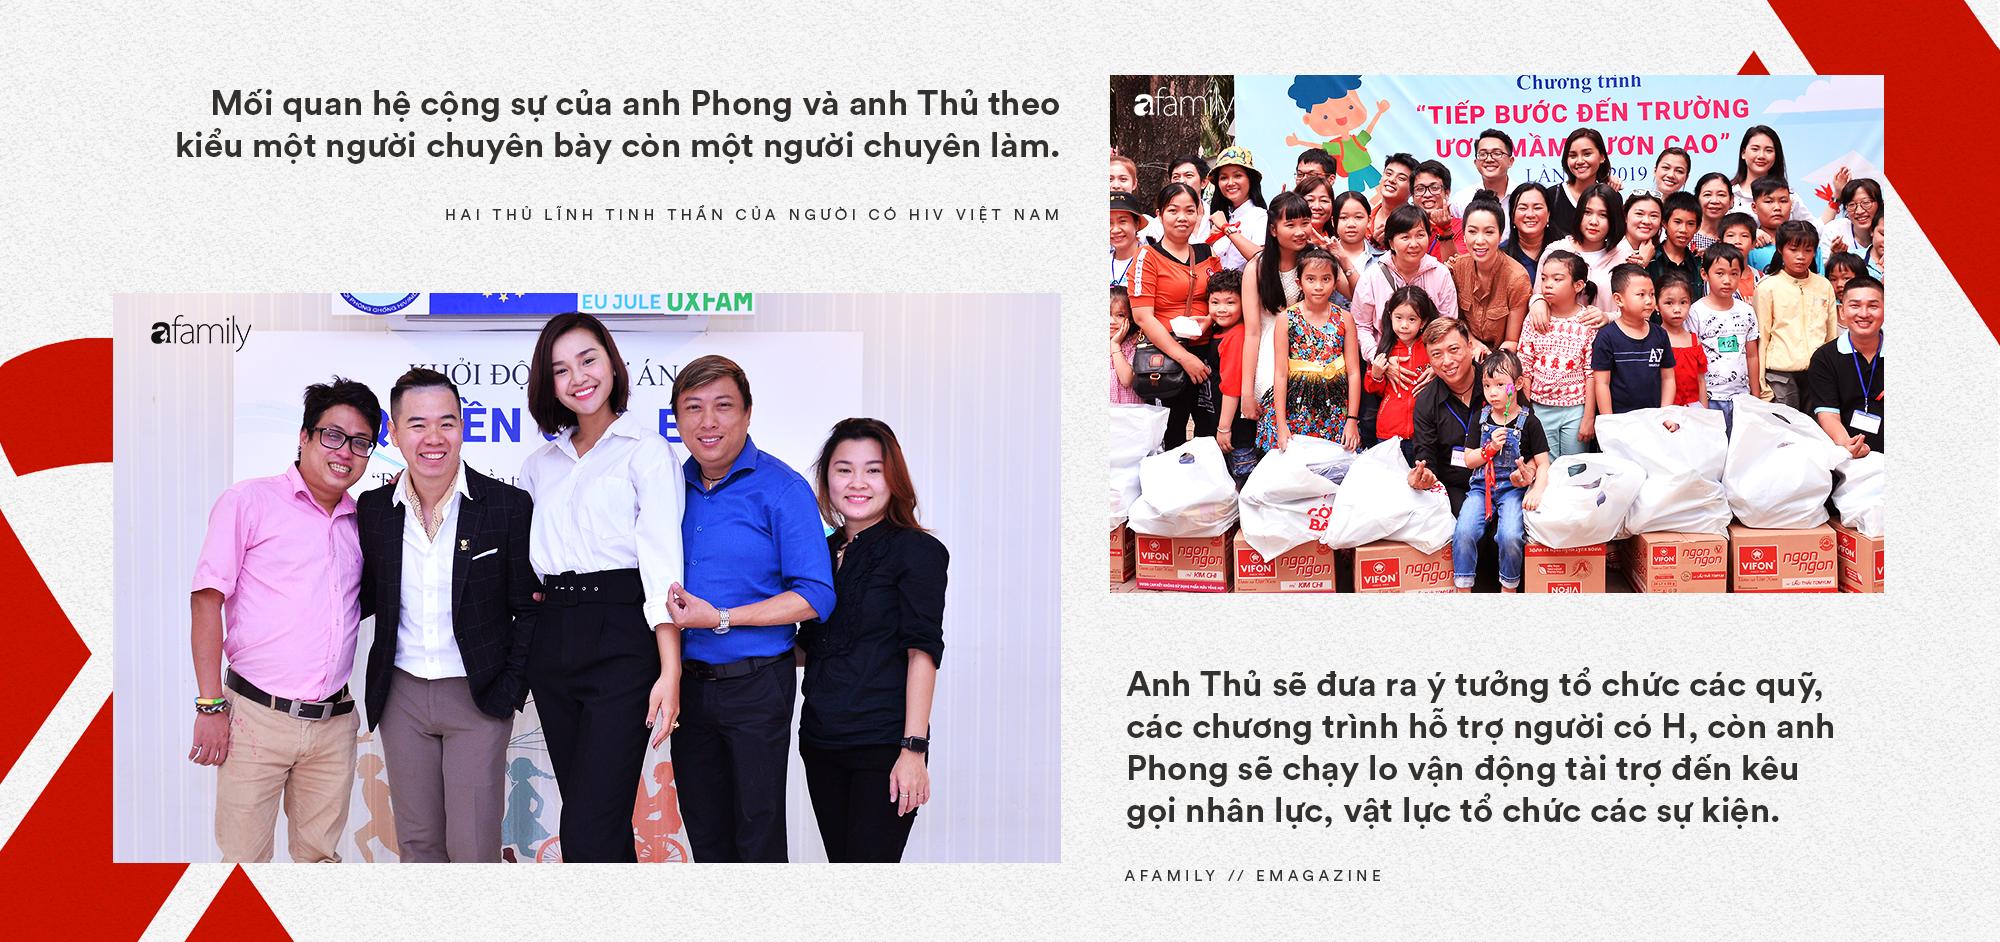 Hai thủ lĩnh tinh thần của người có HIV Việt Nam: Tại sao khi bị ung thư, người ta có thể tự tin la lên với cả thế giới và được yêu thương vô ngần, HIV thì không? - Ảnh 7.